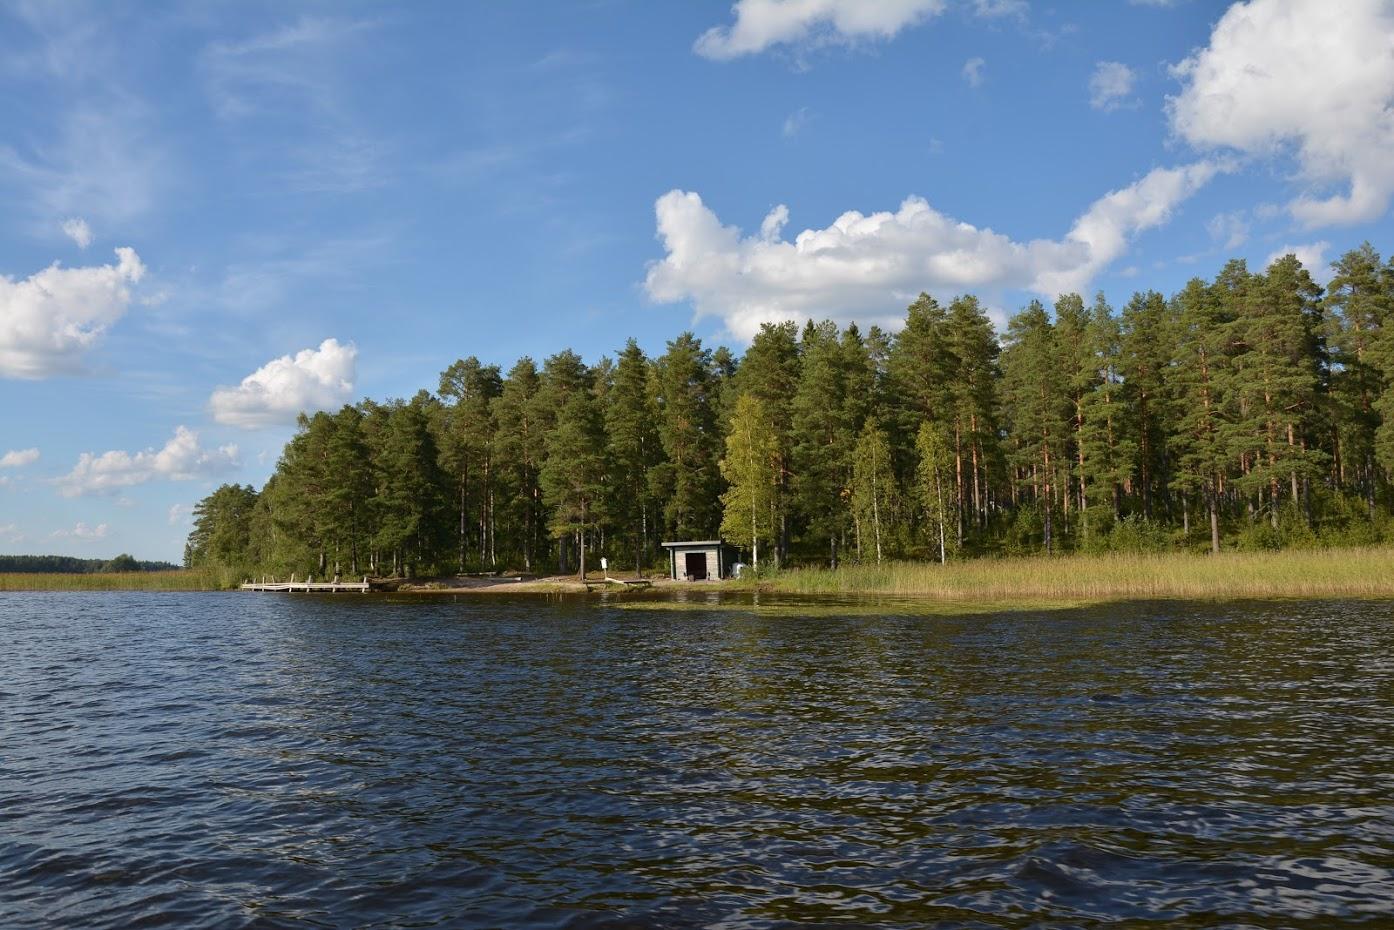 Saarimökki - Veřejné grilovací místo na jednom ze sousedních ostrovů...